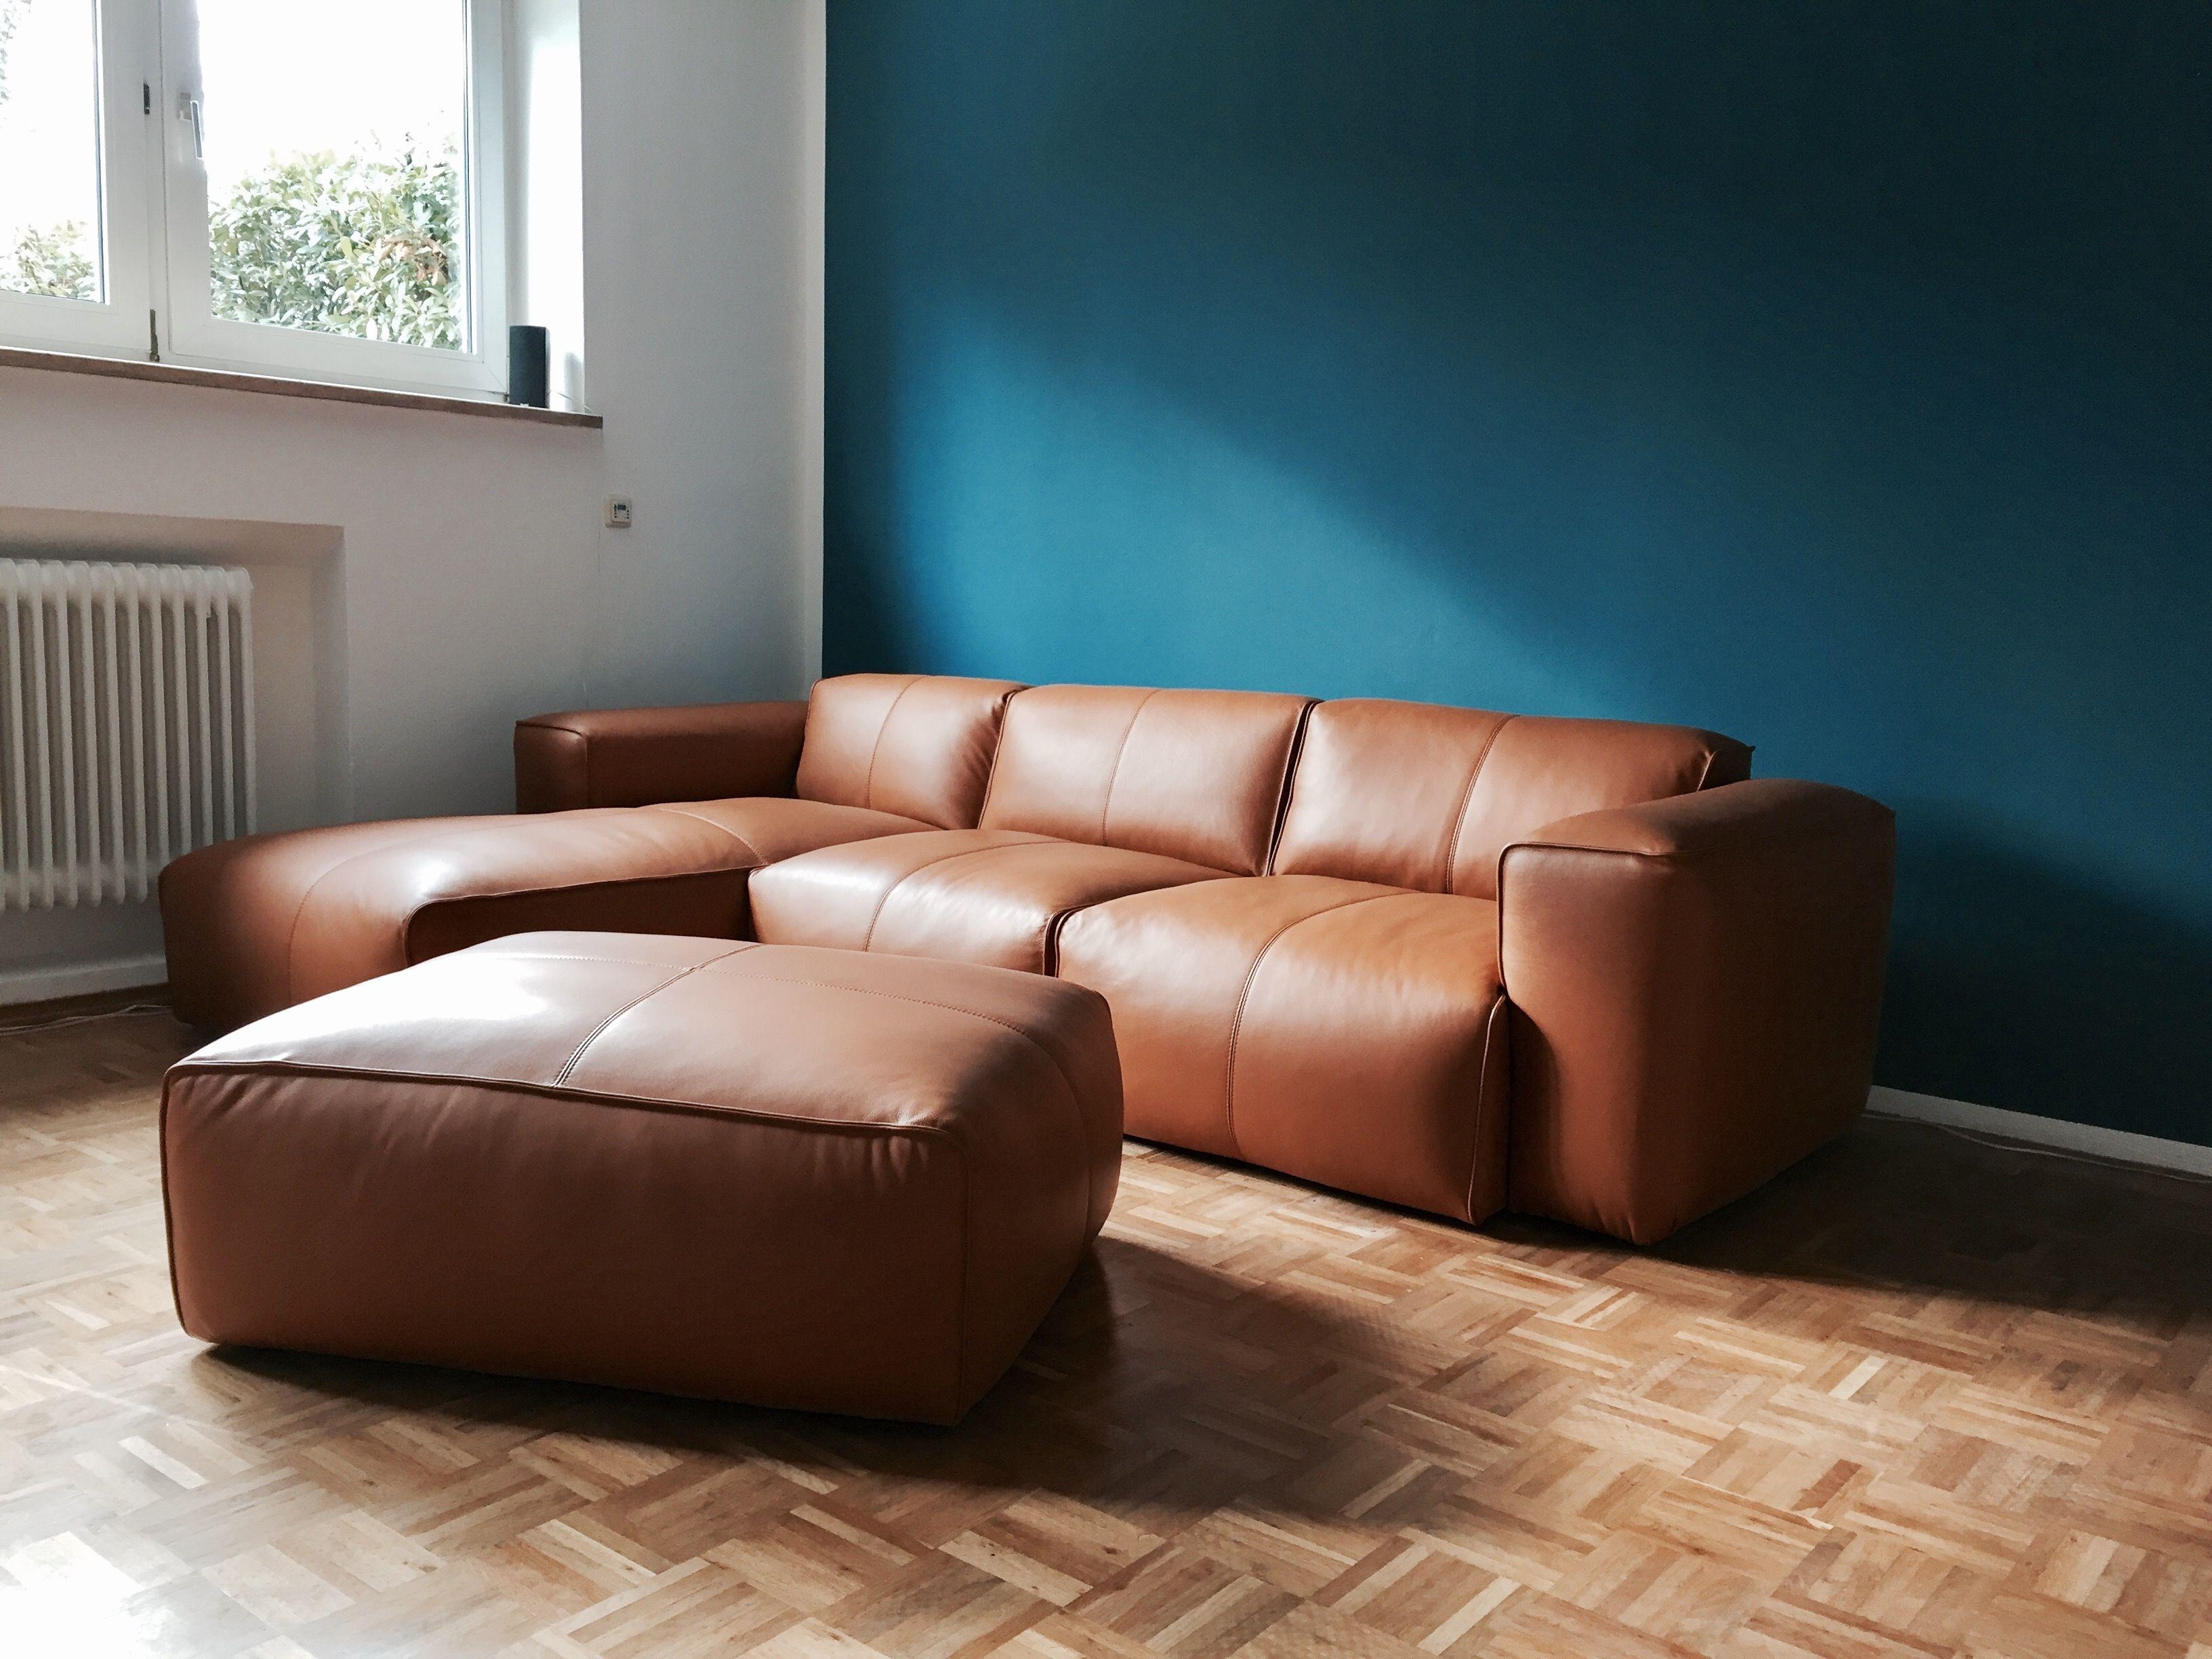 hudson iv - Fantastisch Wunderbare Dekoration 14 Sofa Aus Leder Das Symbol Von Eleganz Und Luxus